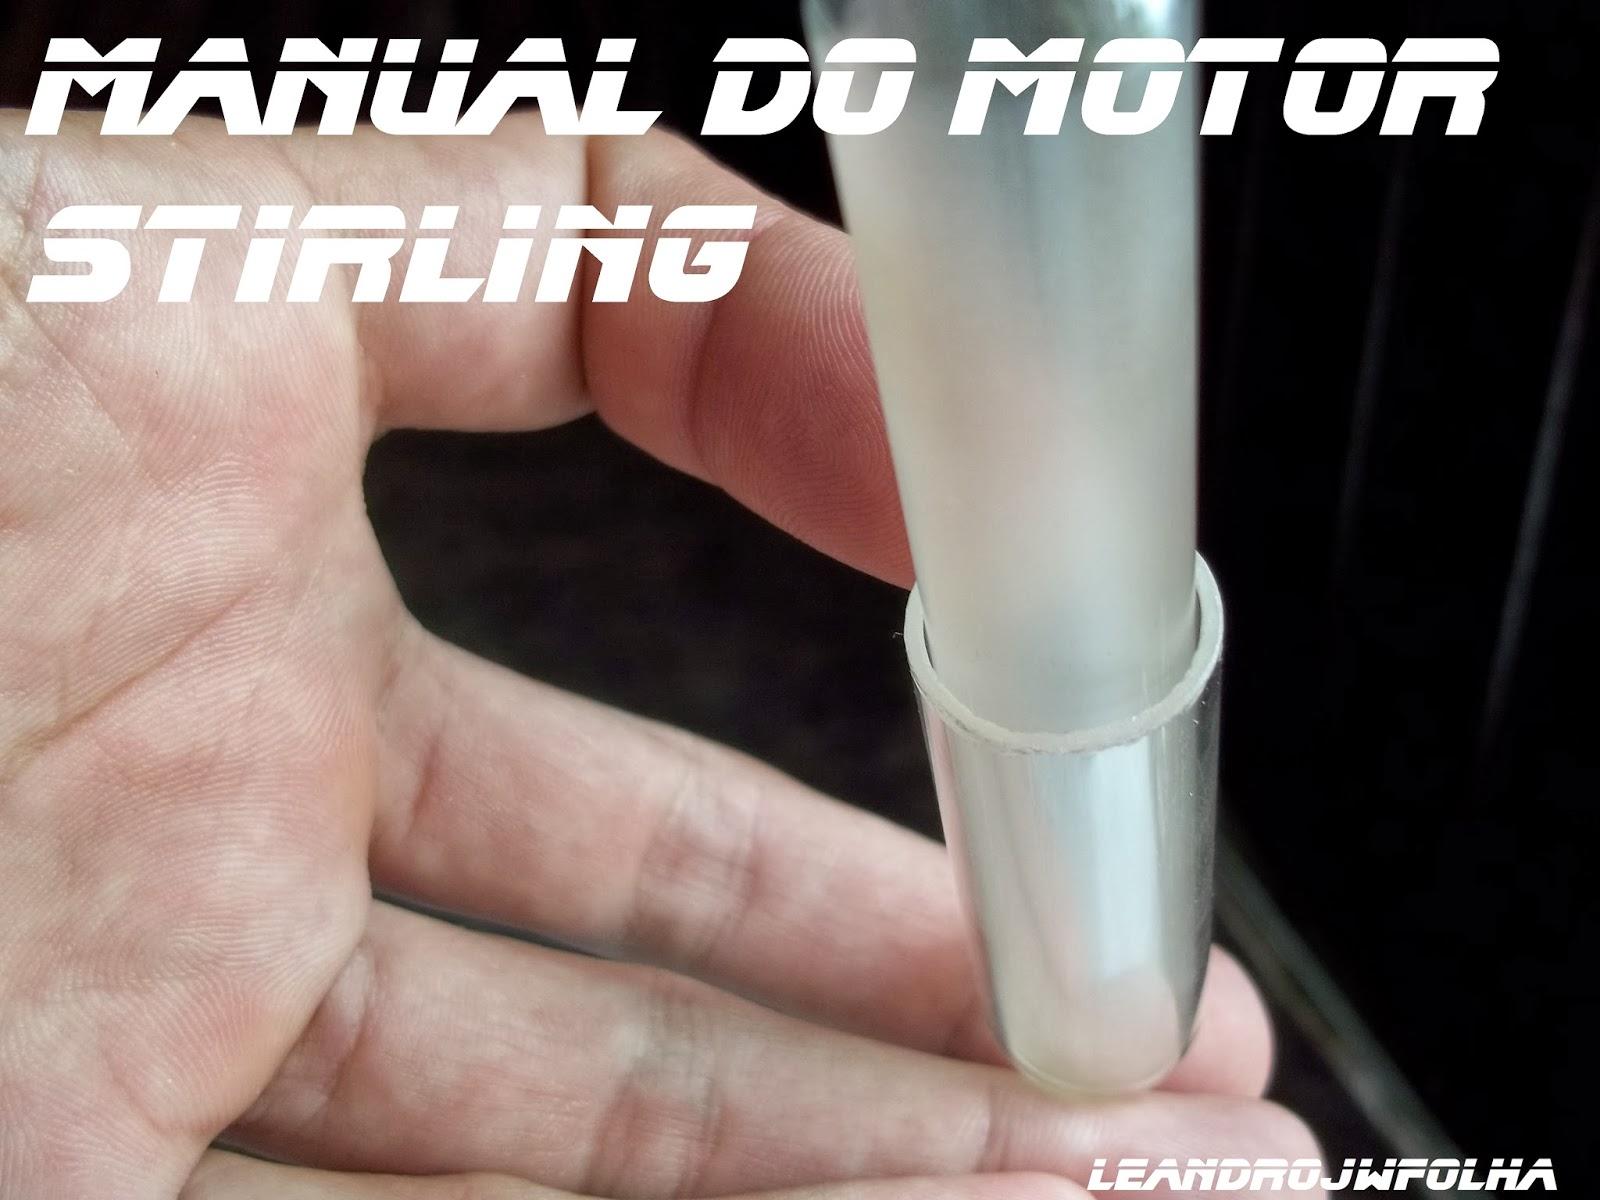 Manual do motor Stirling, pistão de vidro, inserido no tubo de ensaio